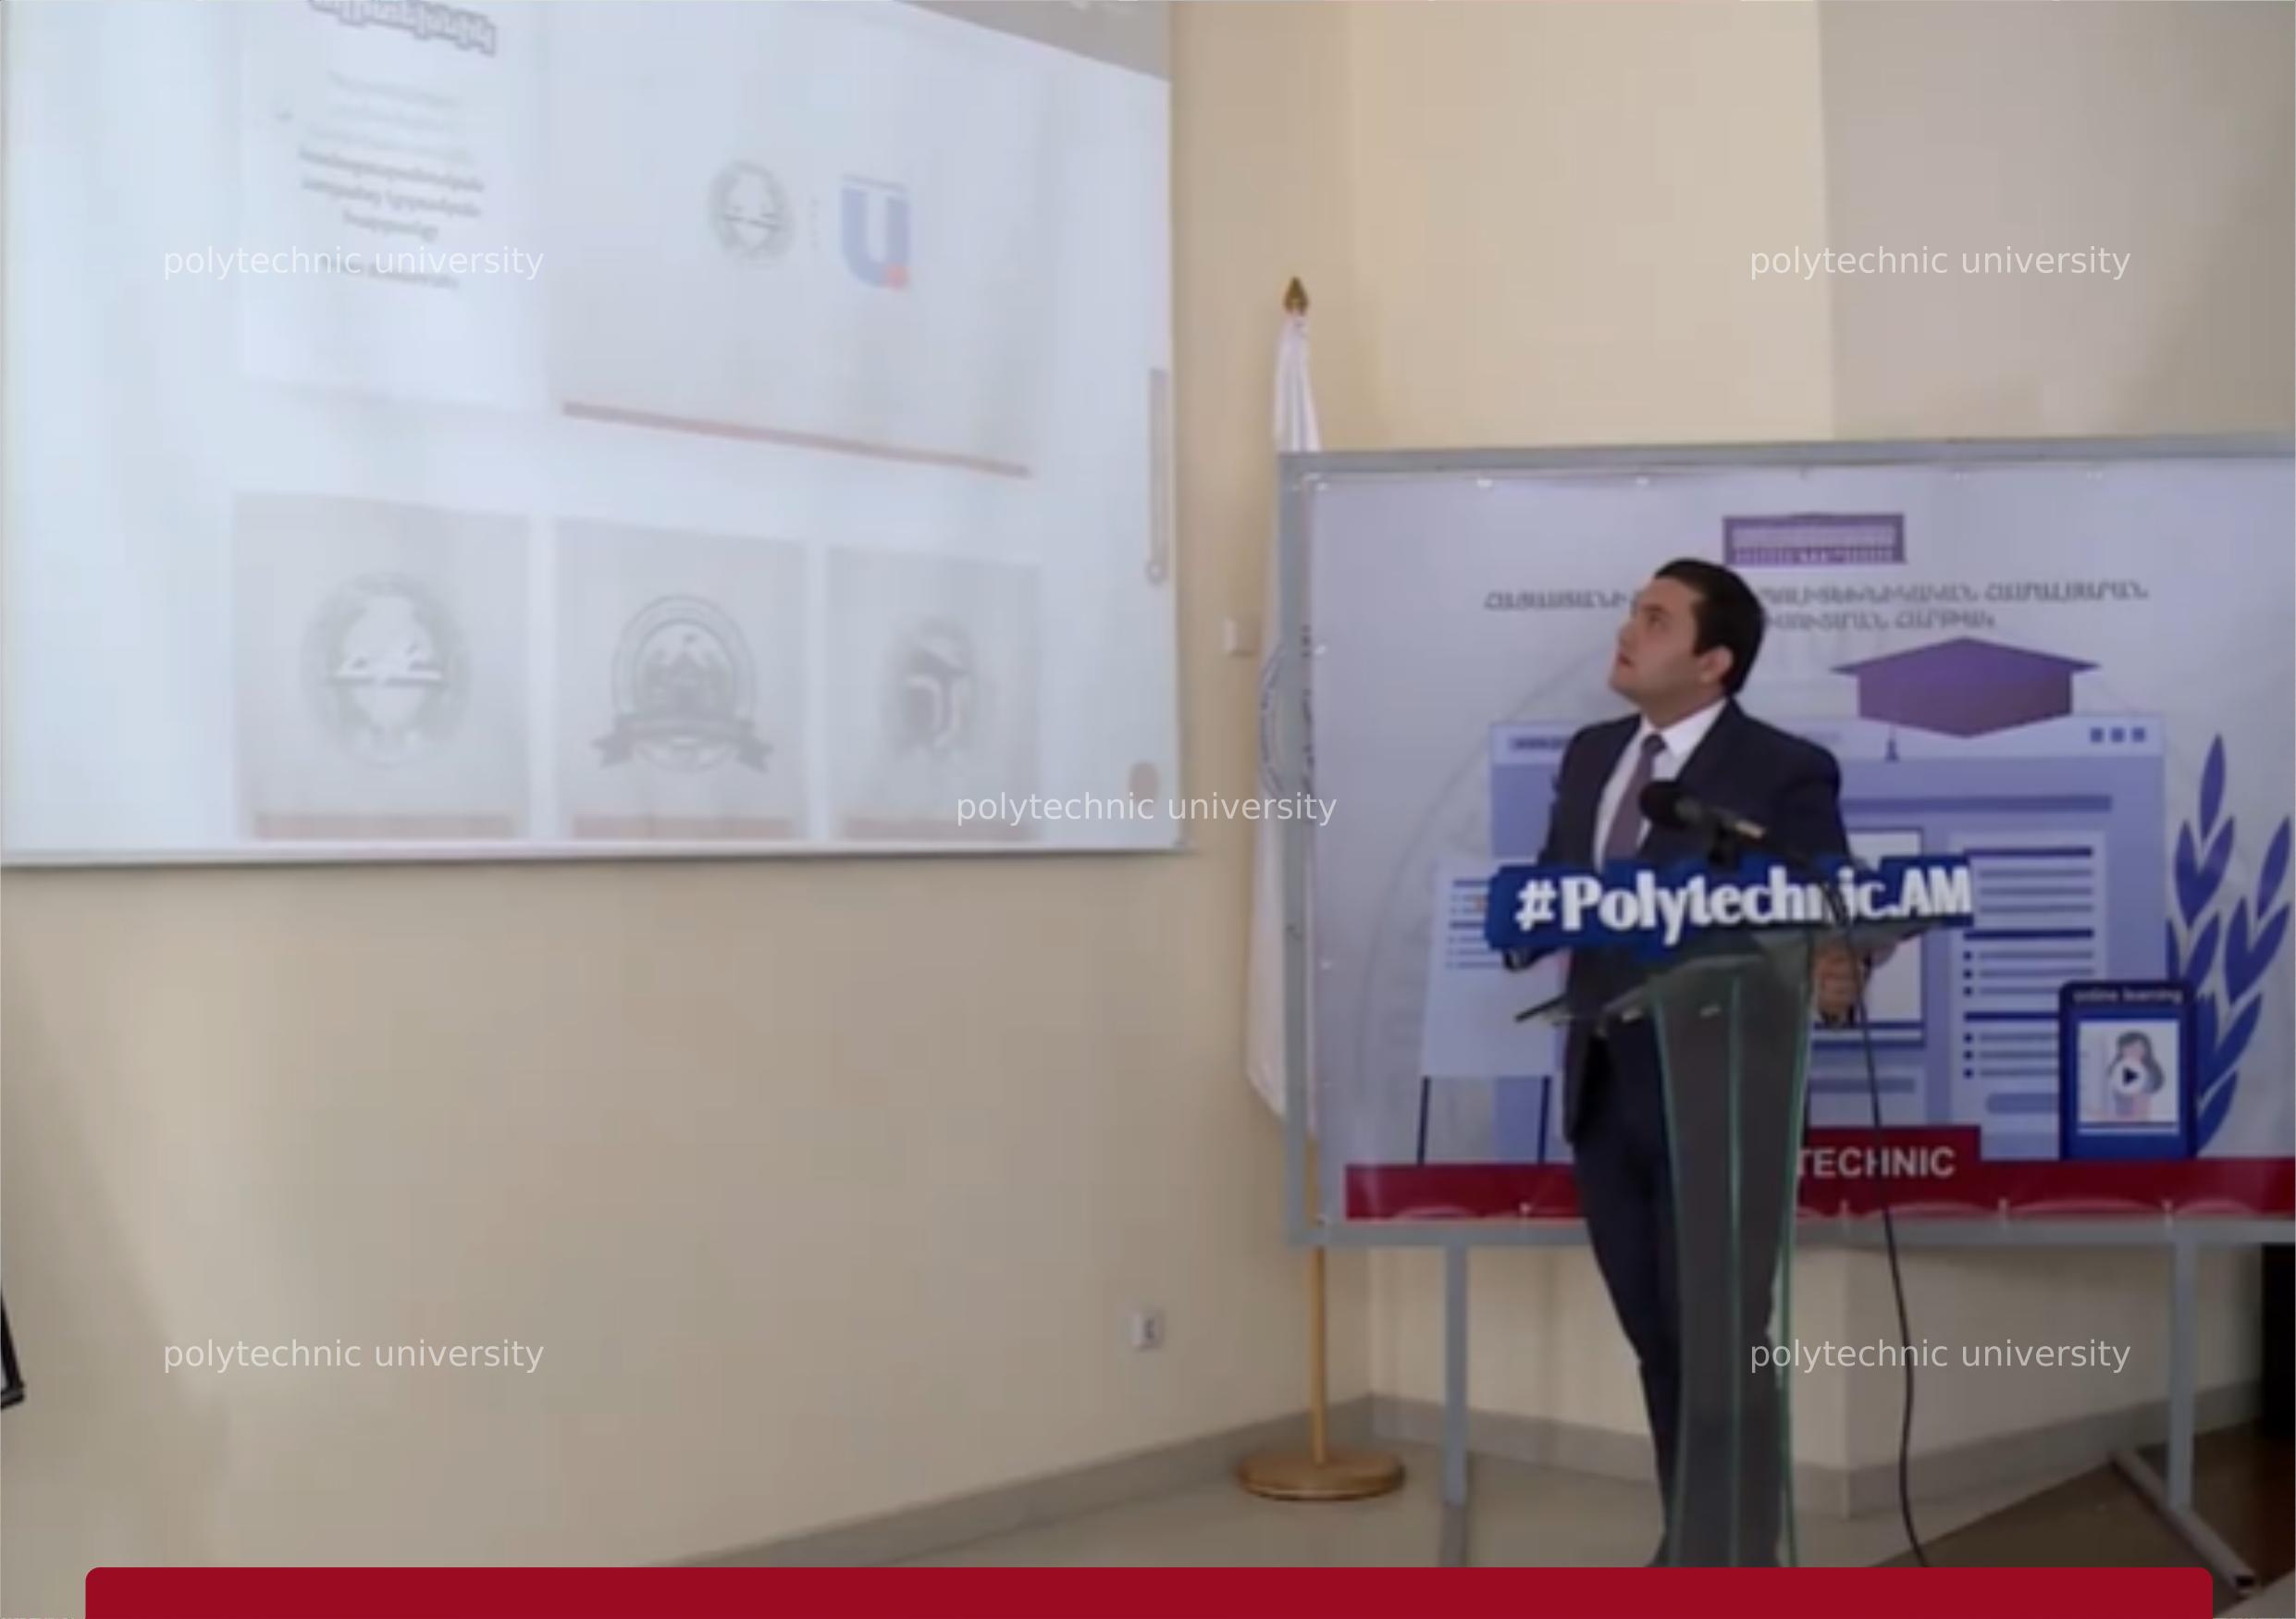 Վիվա-ՄՏՍ-ն աջակցում է Պոլիտեխնիկի կողմից ստեղծված հայկական առաջին համալսարանական առցանց կրթական հարթակին